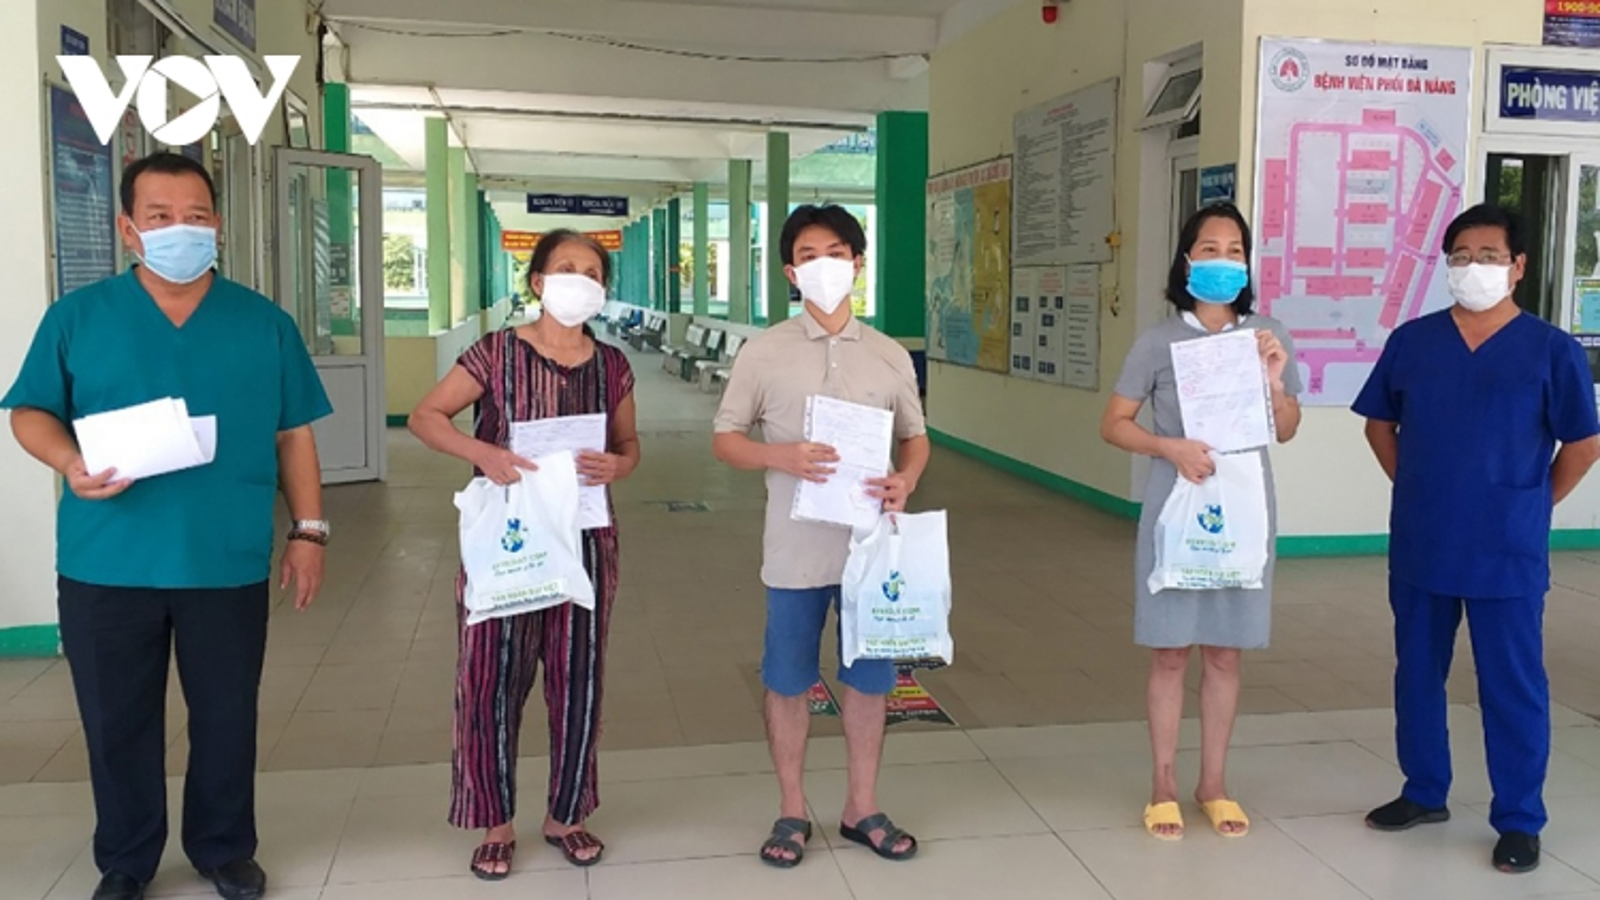 3 bệnh nhân ở Đà Nẵnghết Covid-19 và được ra viện